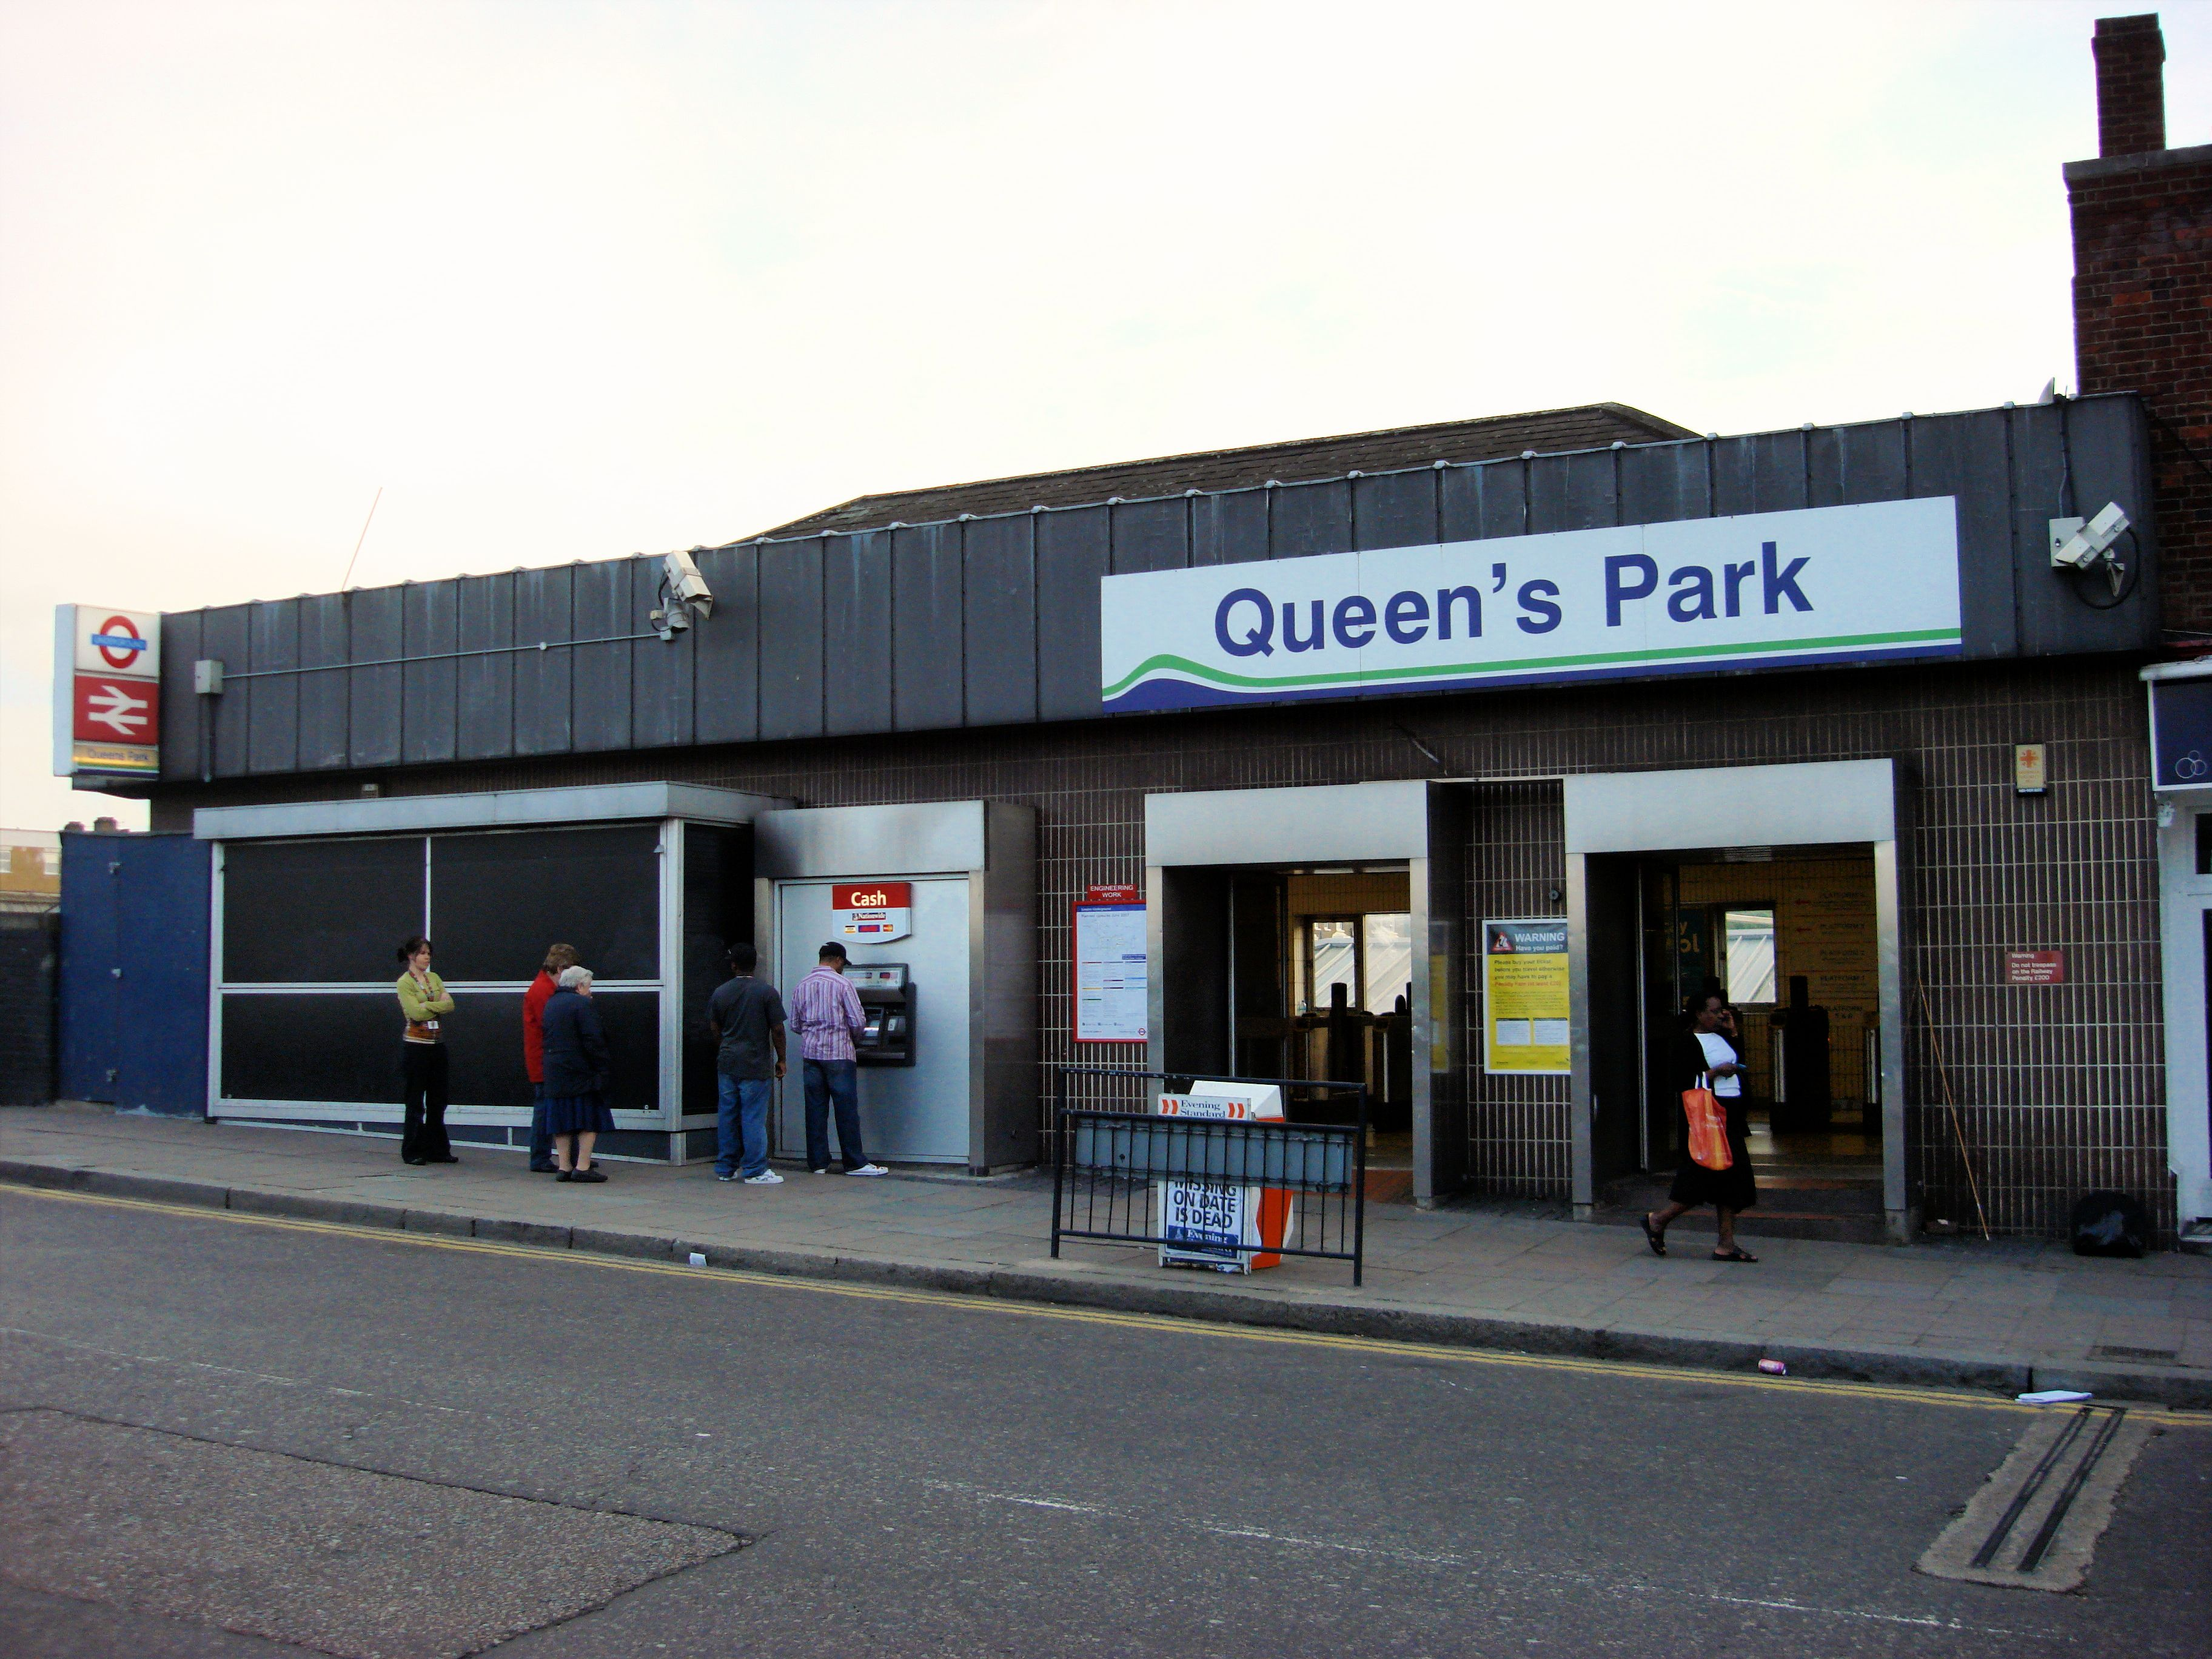 Queens park dating